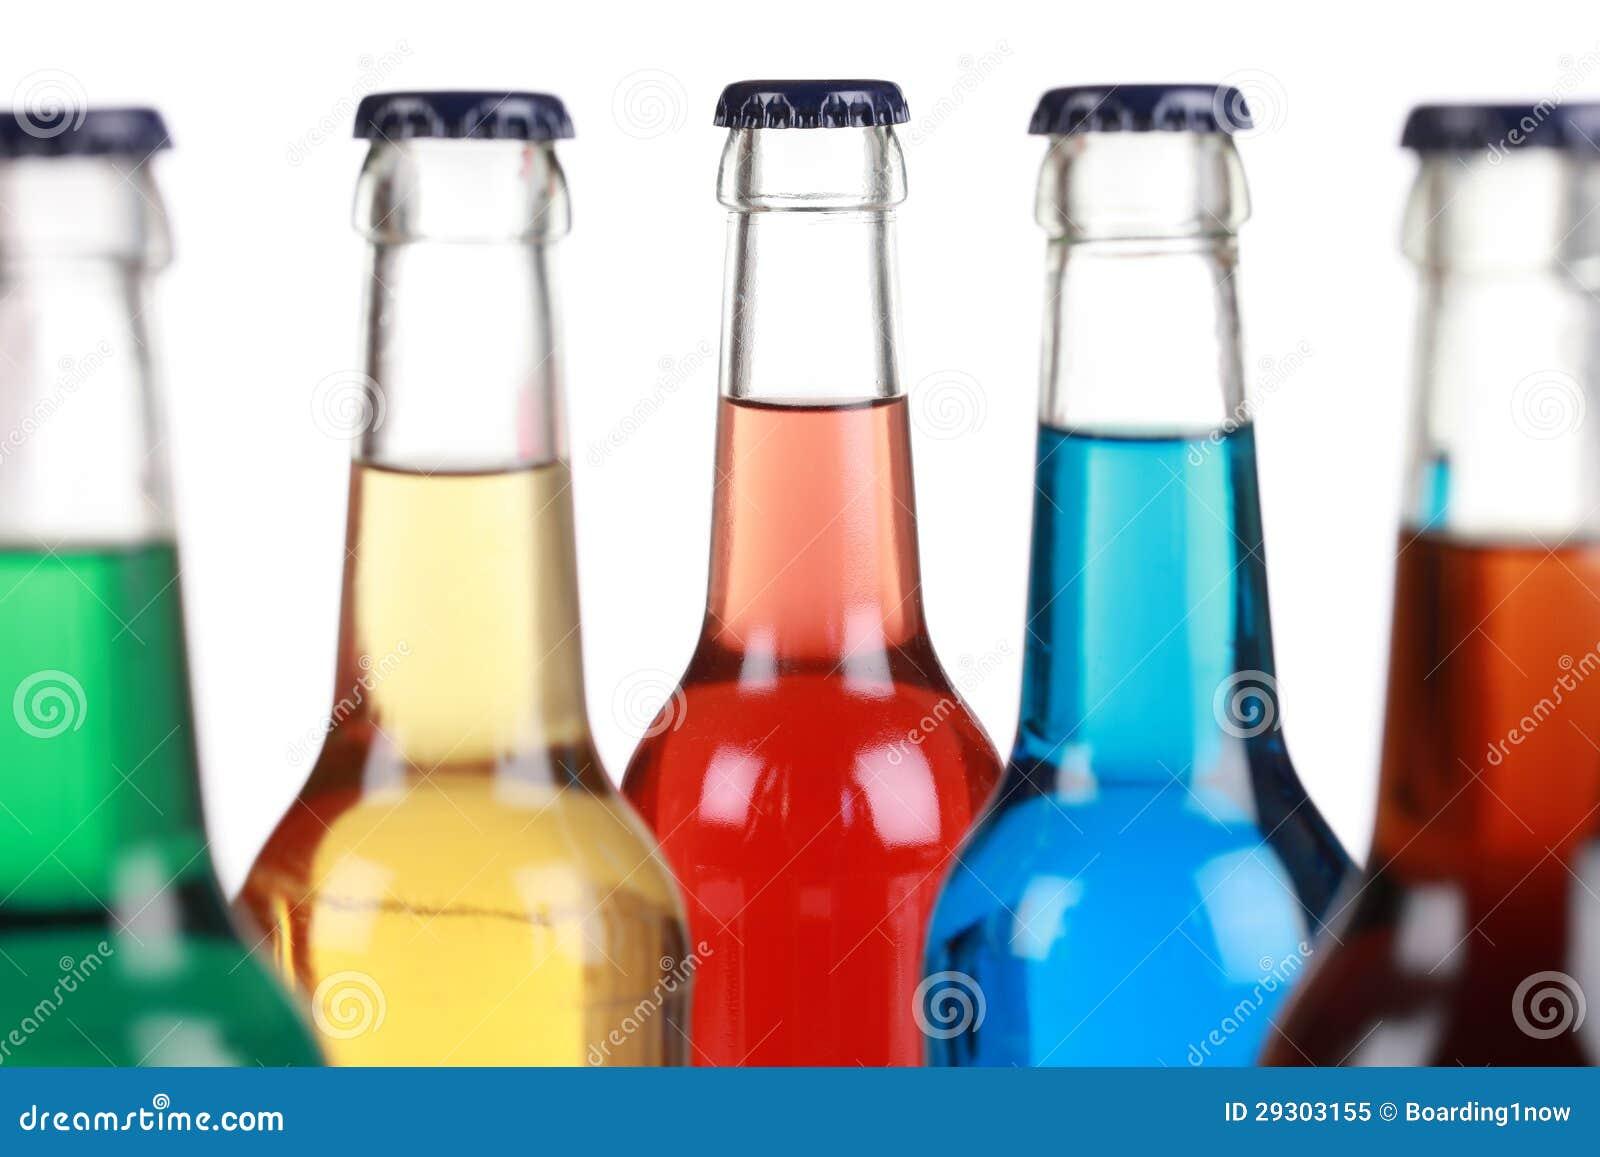 Bouteilles en verre avec des boissons non alcoolisées